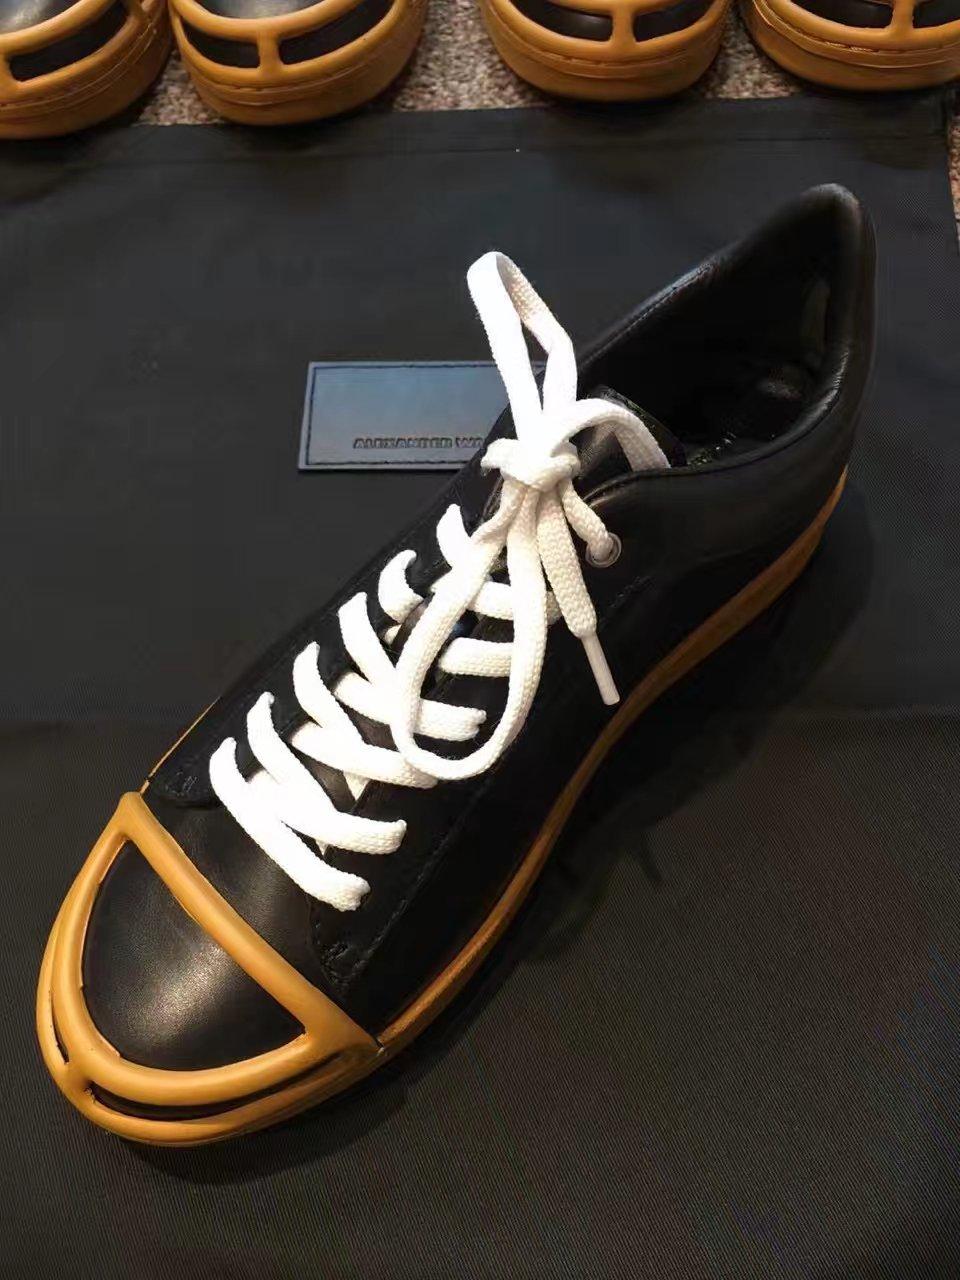 原厂出口美国 Alexander wang 休闲鞋